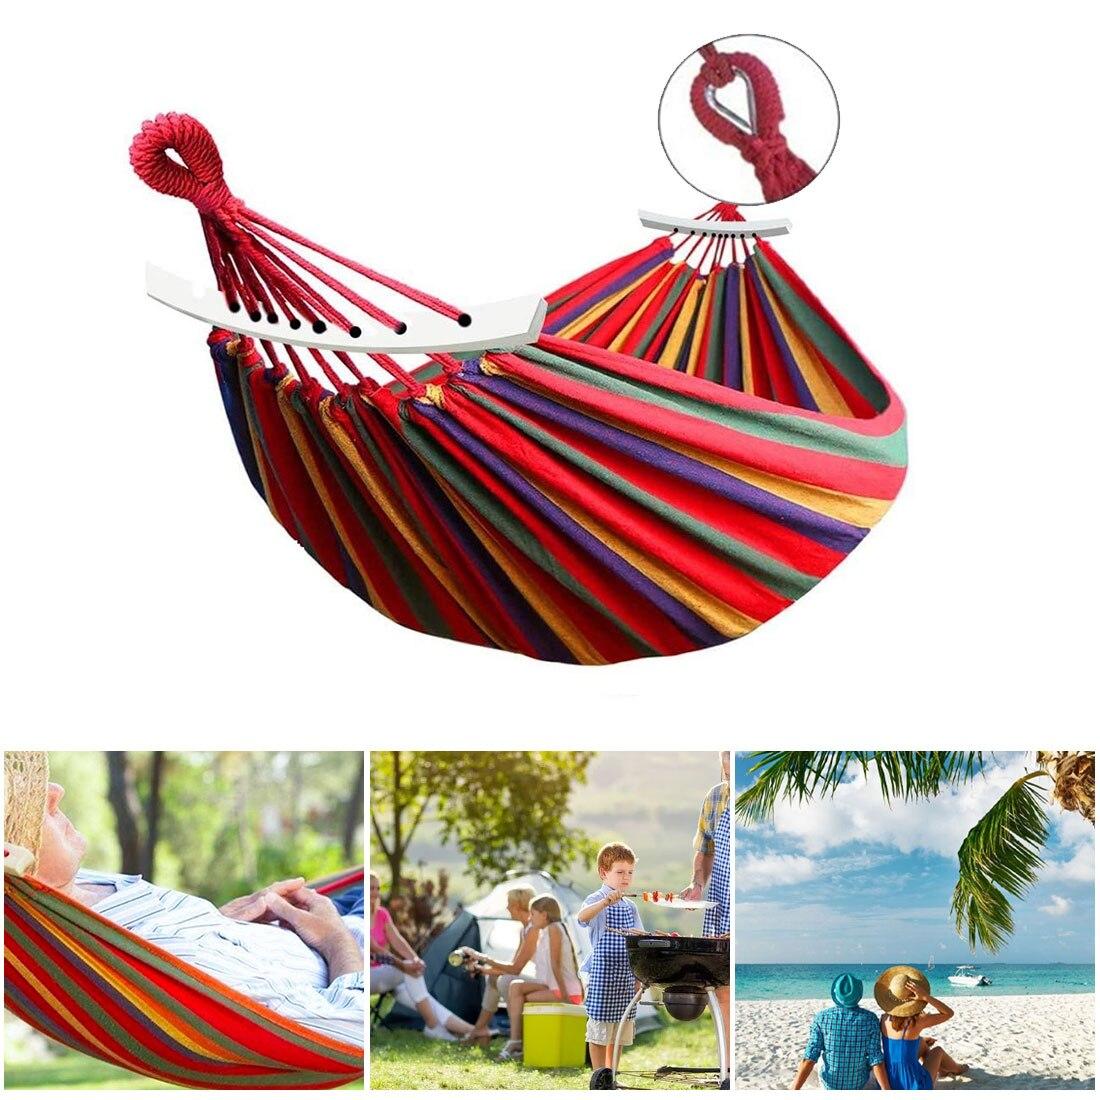 Гамак для кемпинга, уличный гамак, садовые качели-качели для путешествий, кемпинга, холщовая подвесная кровать в полоску, мягкое кресло-подв...